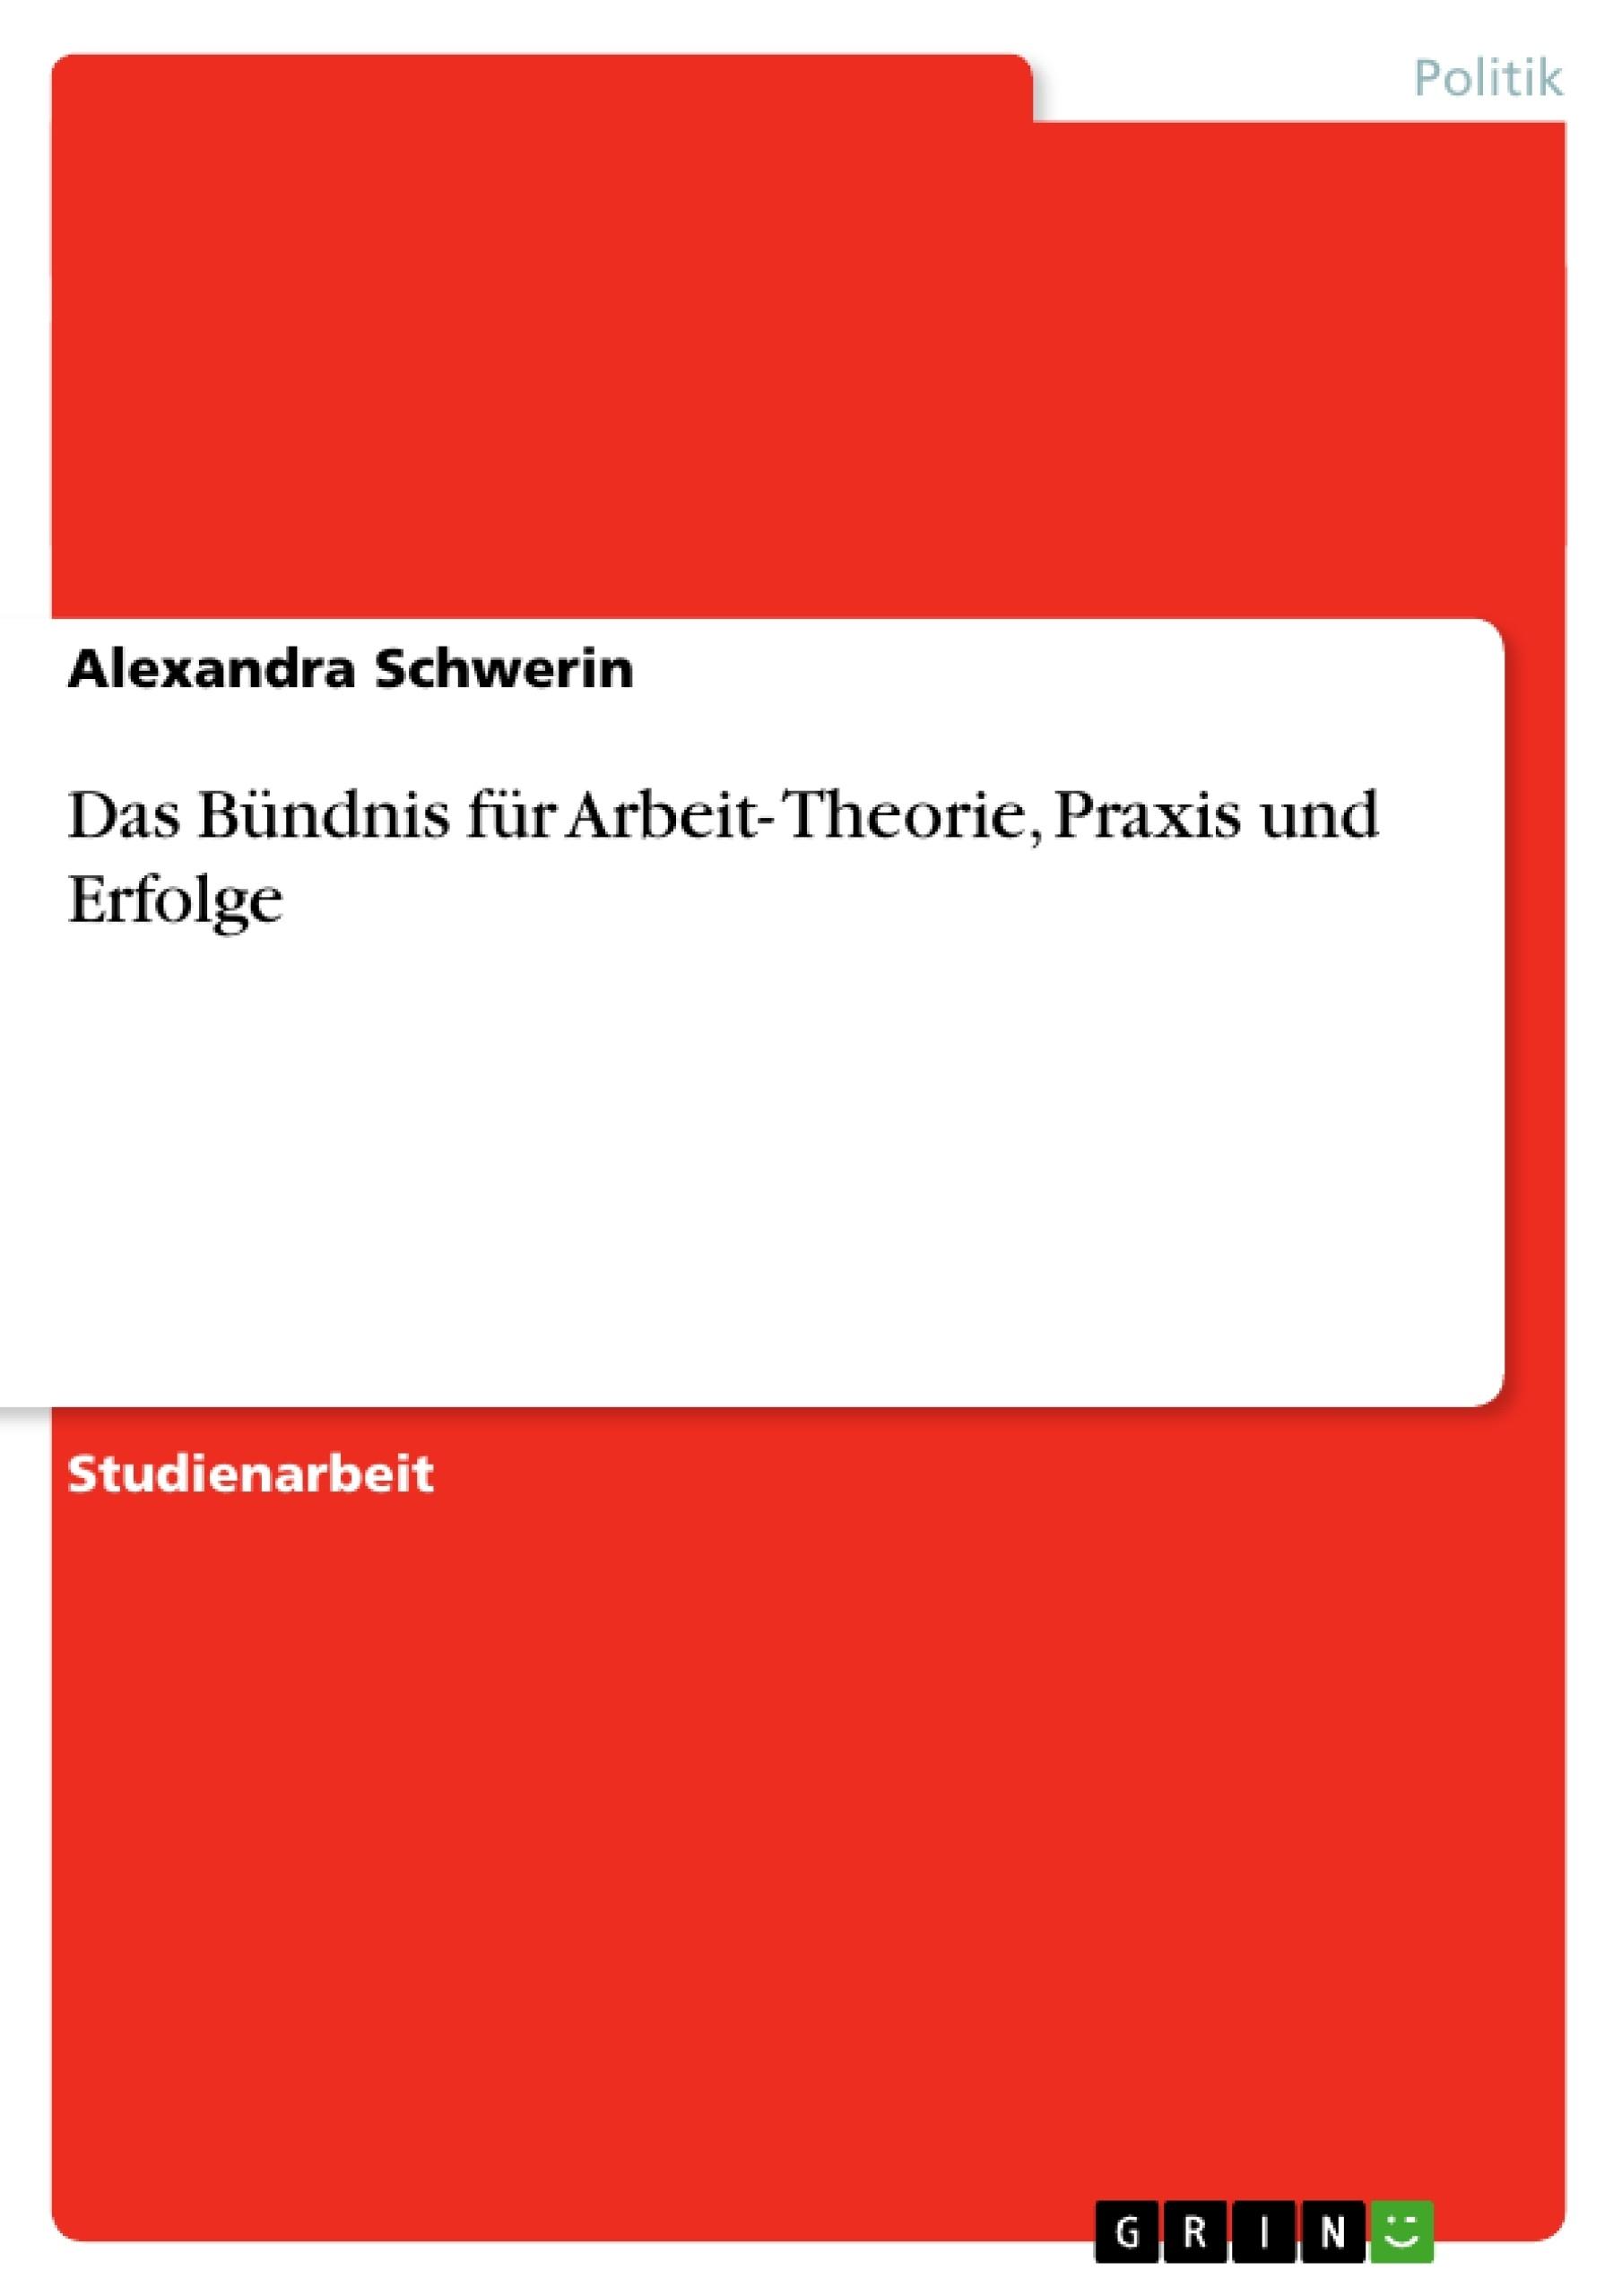 Titel: Das Bündnis für Arbeit- Theorie, Praxis und Erfolge